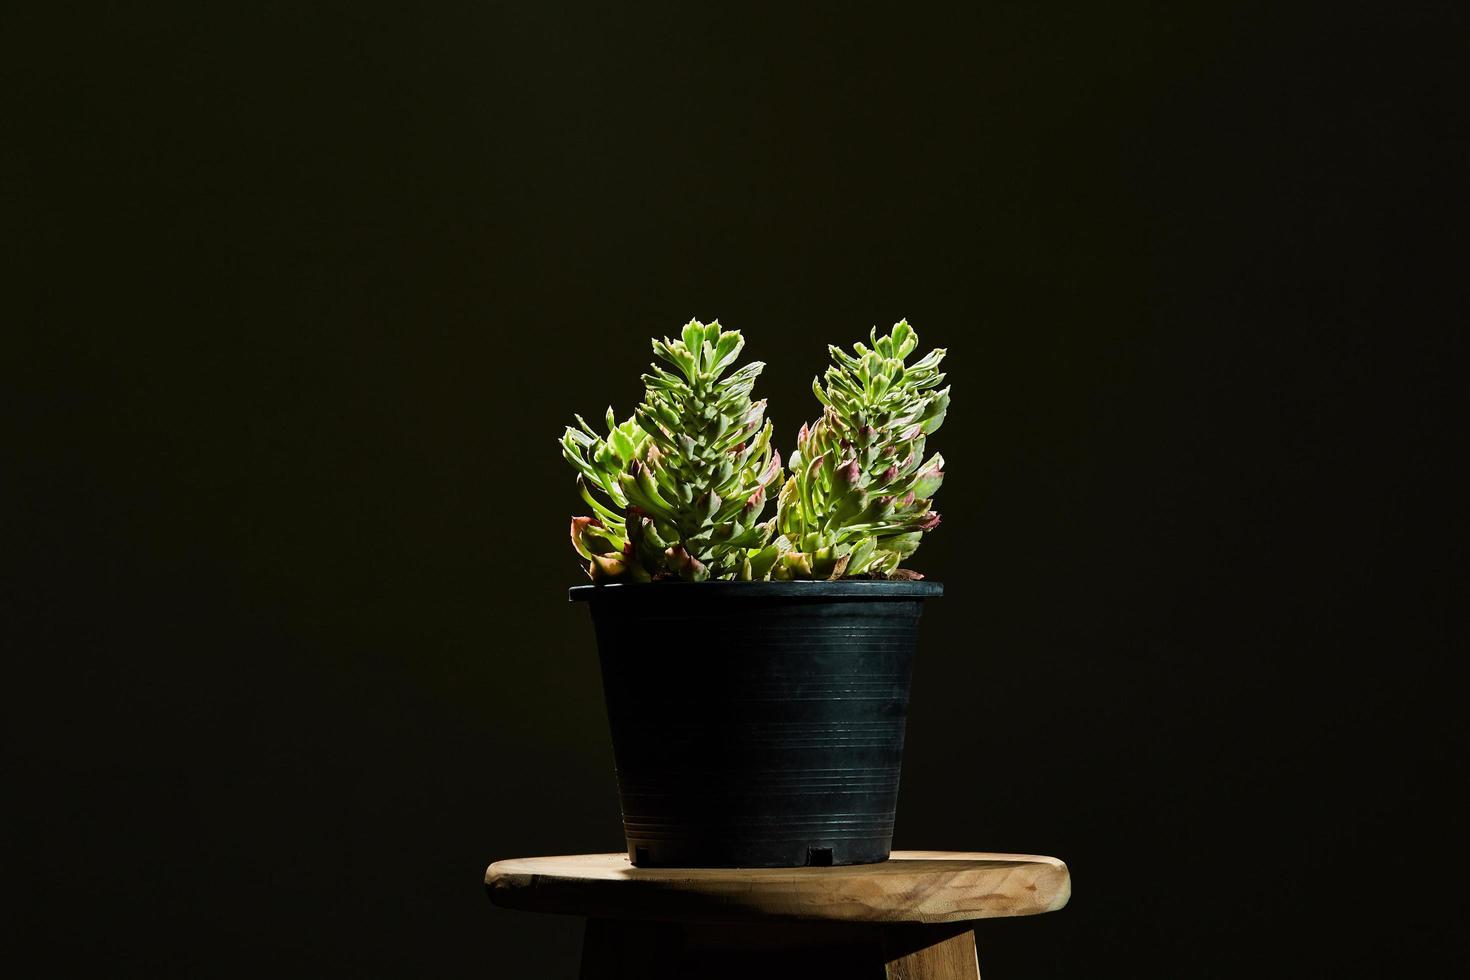 grüne Pflanze in einem Topf auf einem Hocker foto